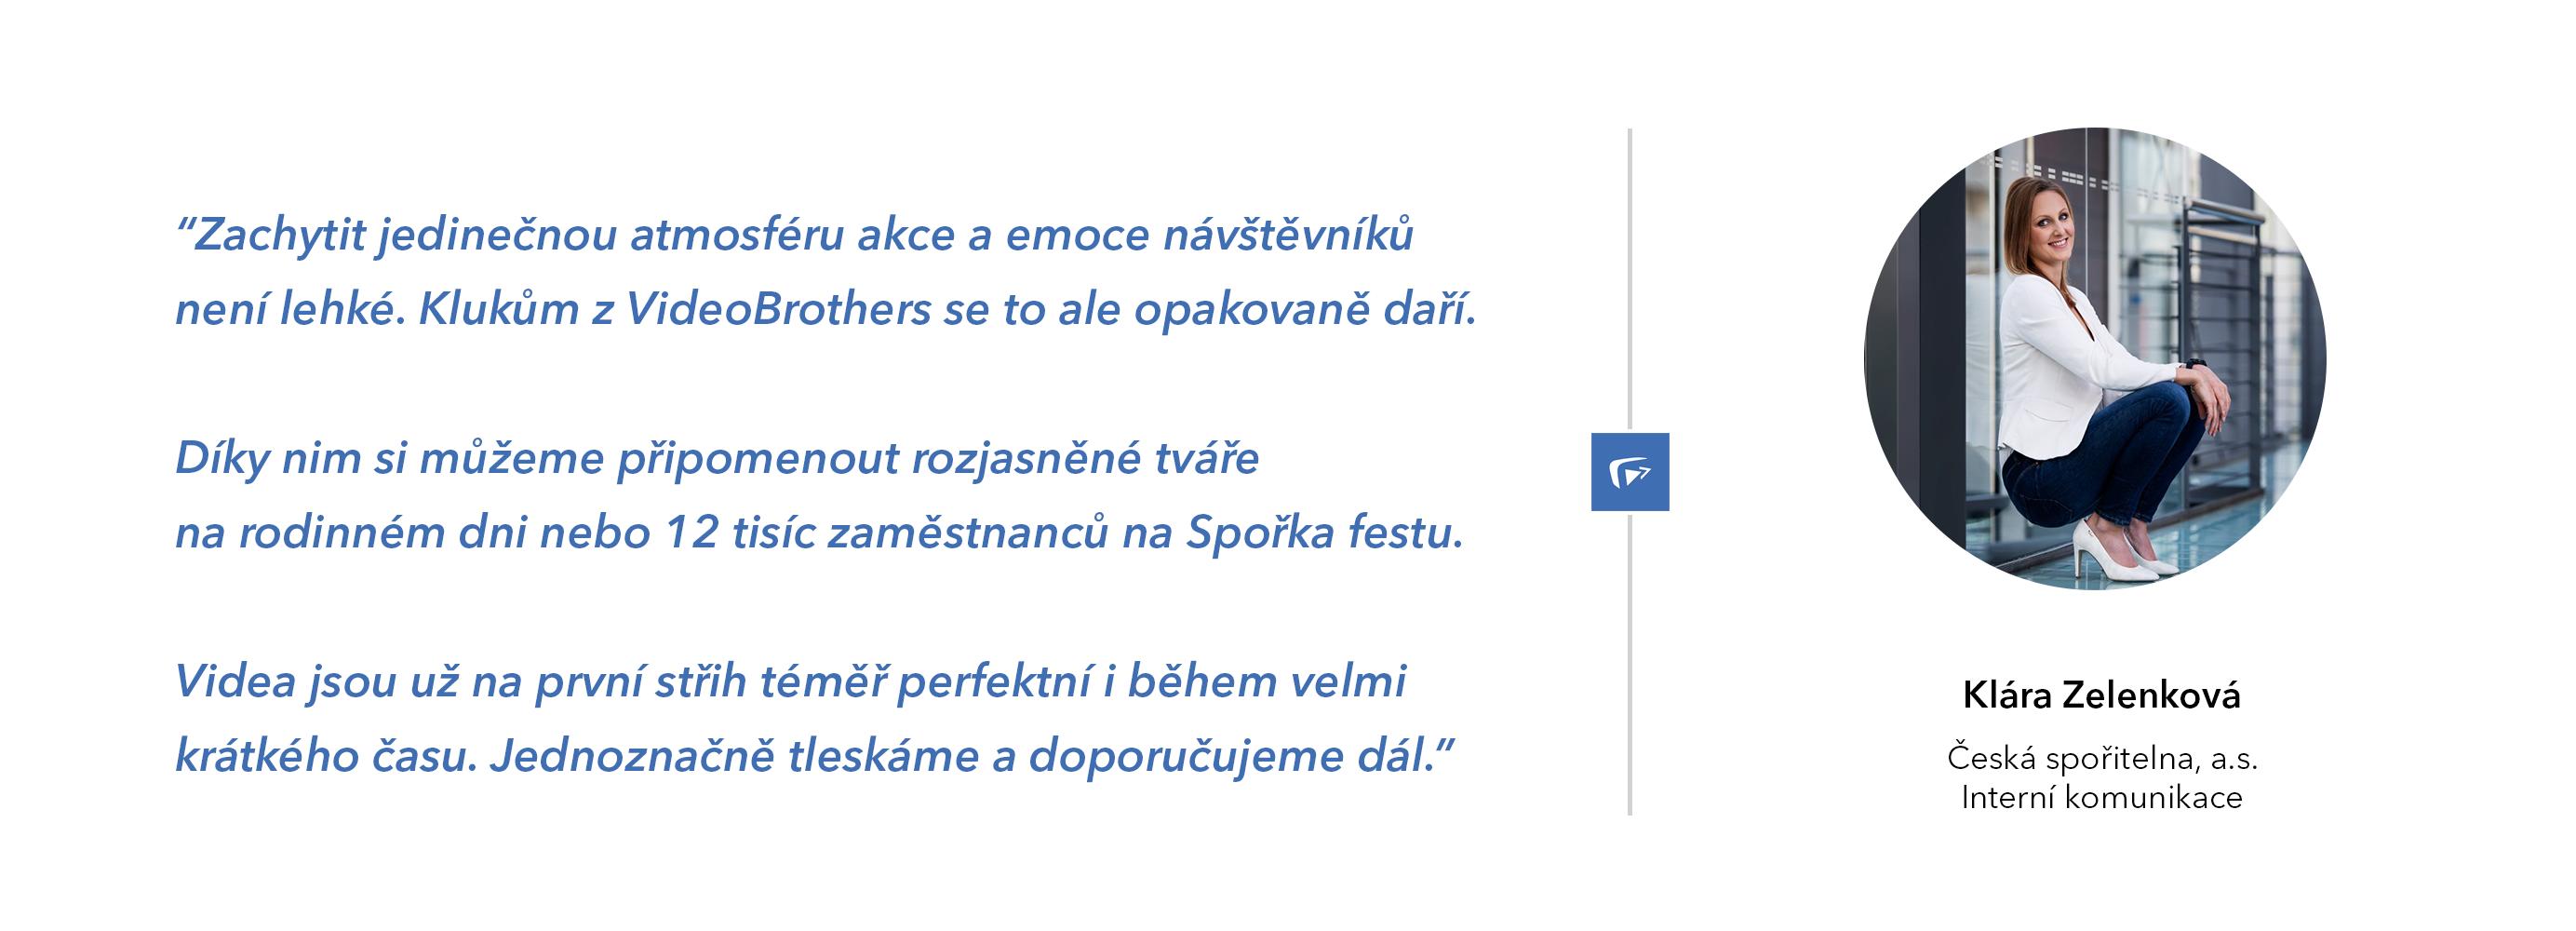 Česká spořitelna doporučuje VideoBrothers